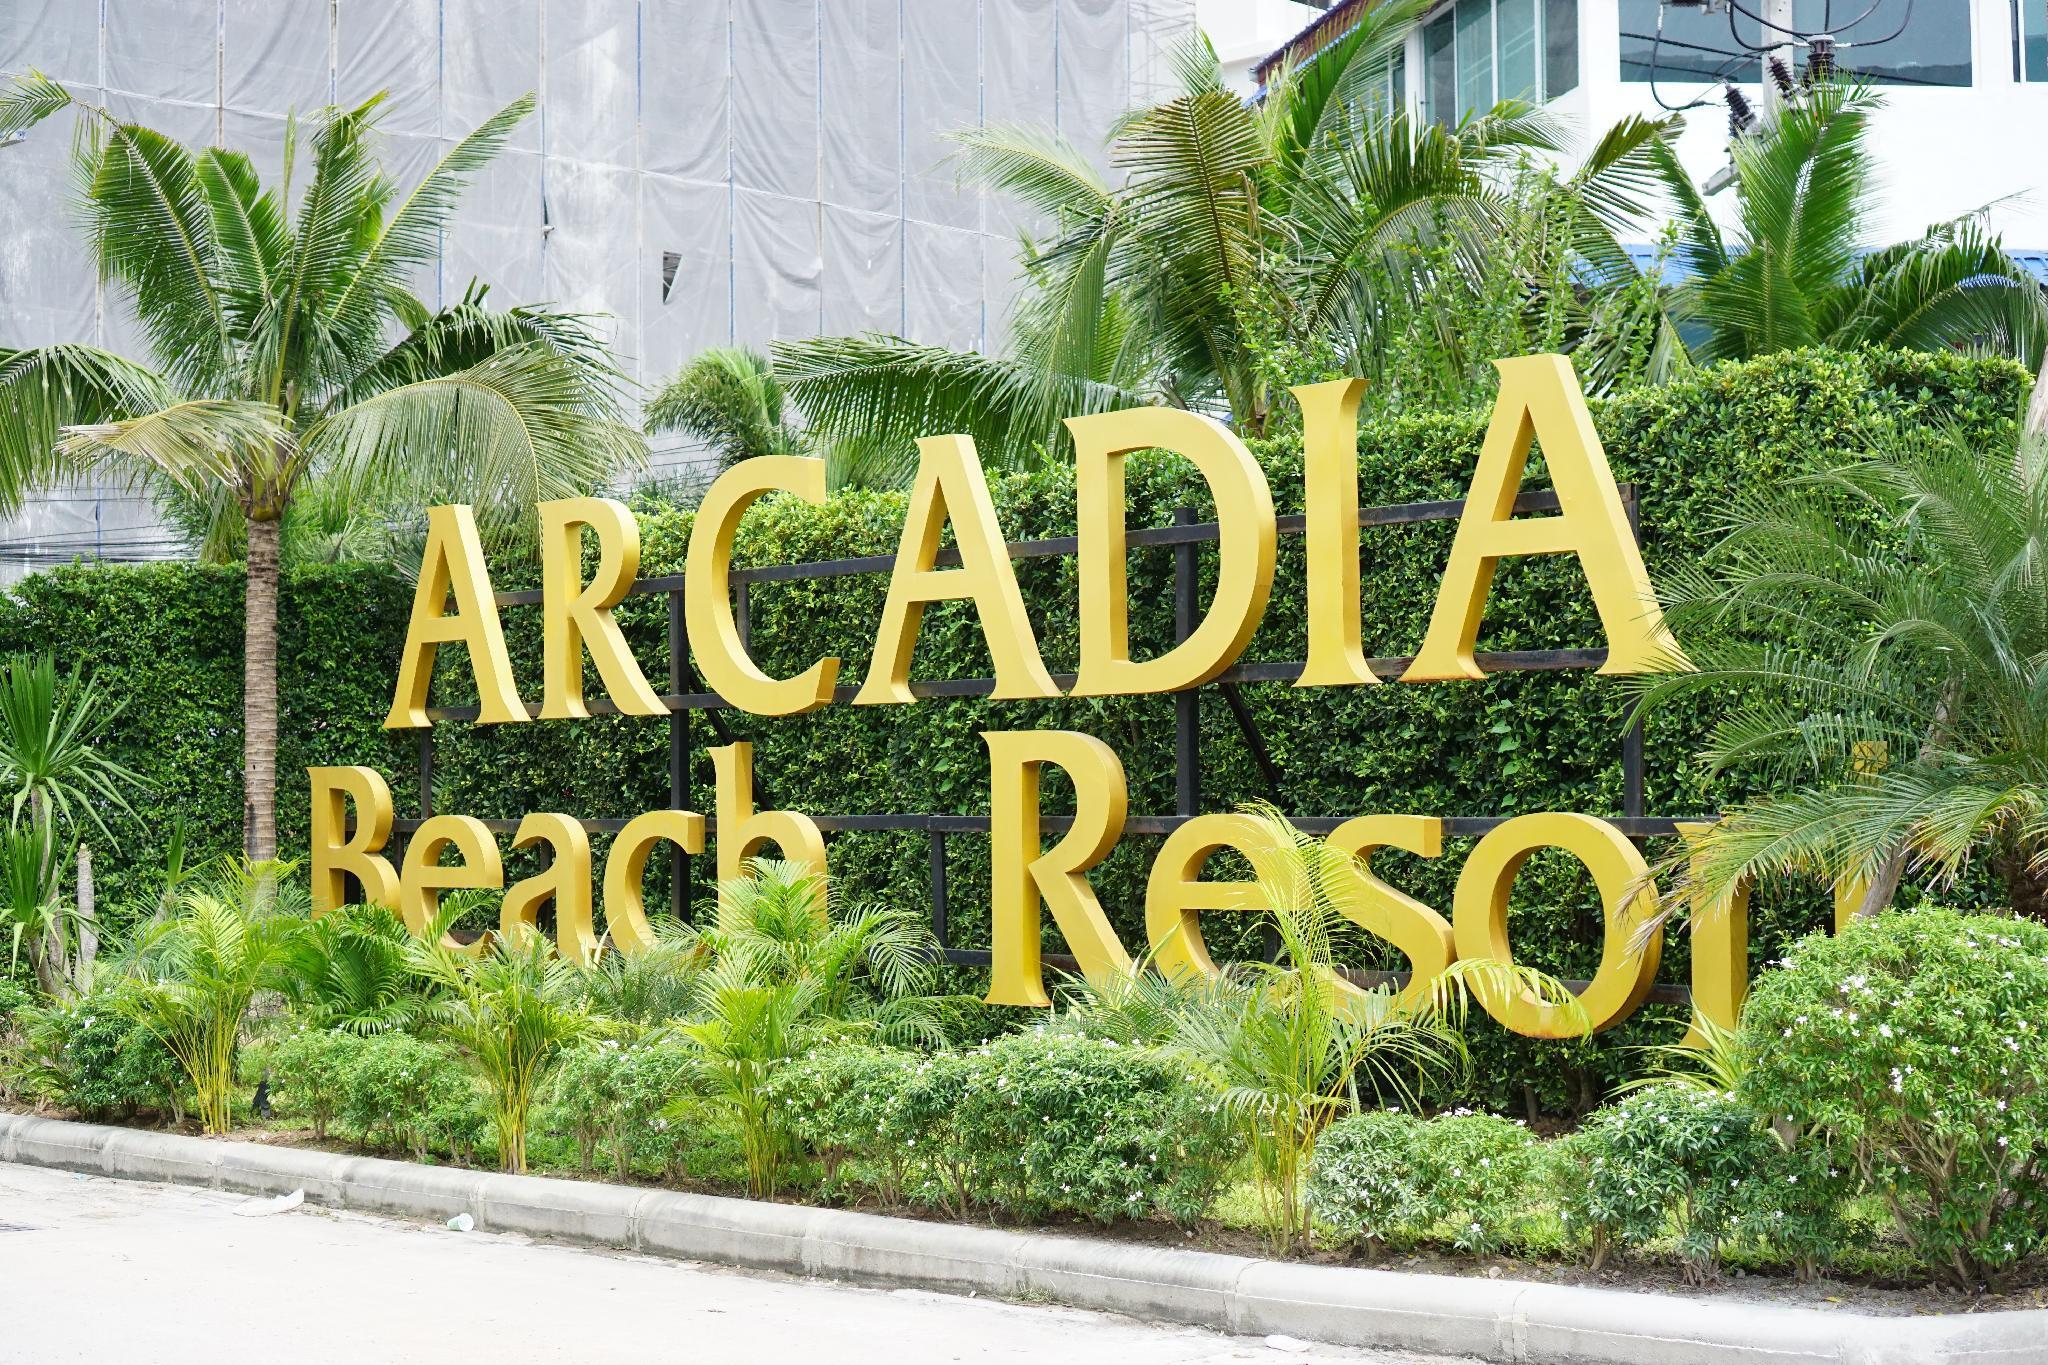 Arcadia Beach Resort Condominium